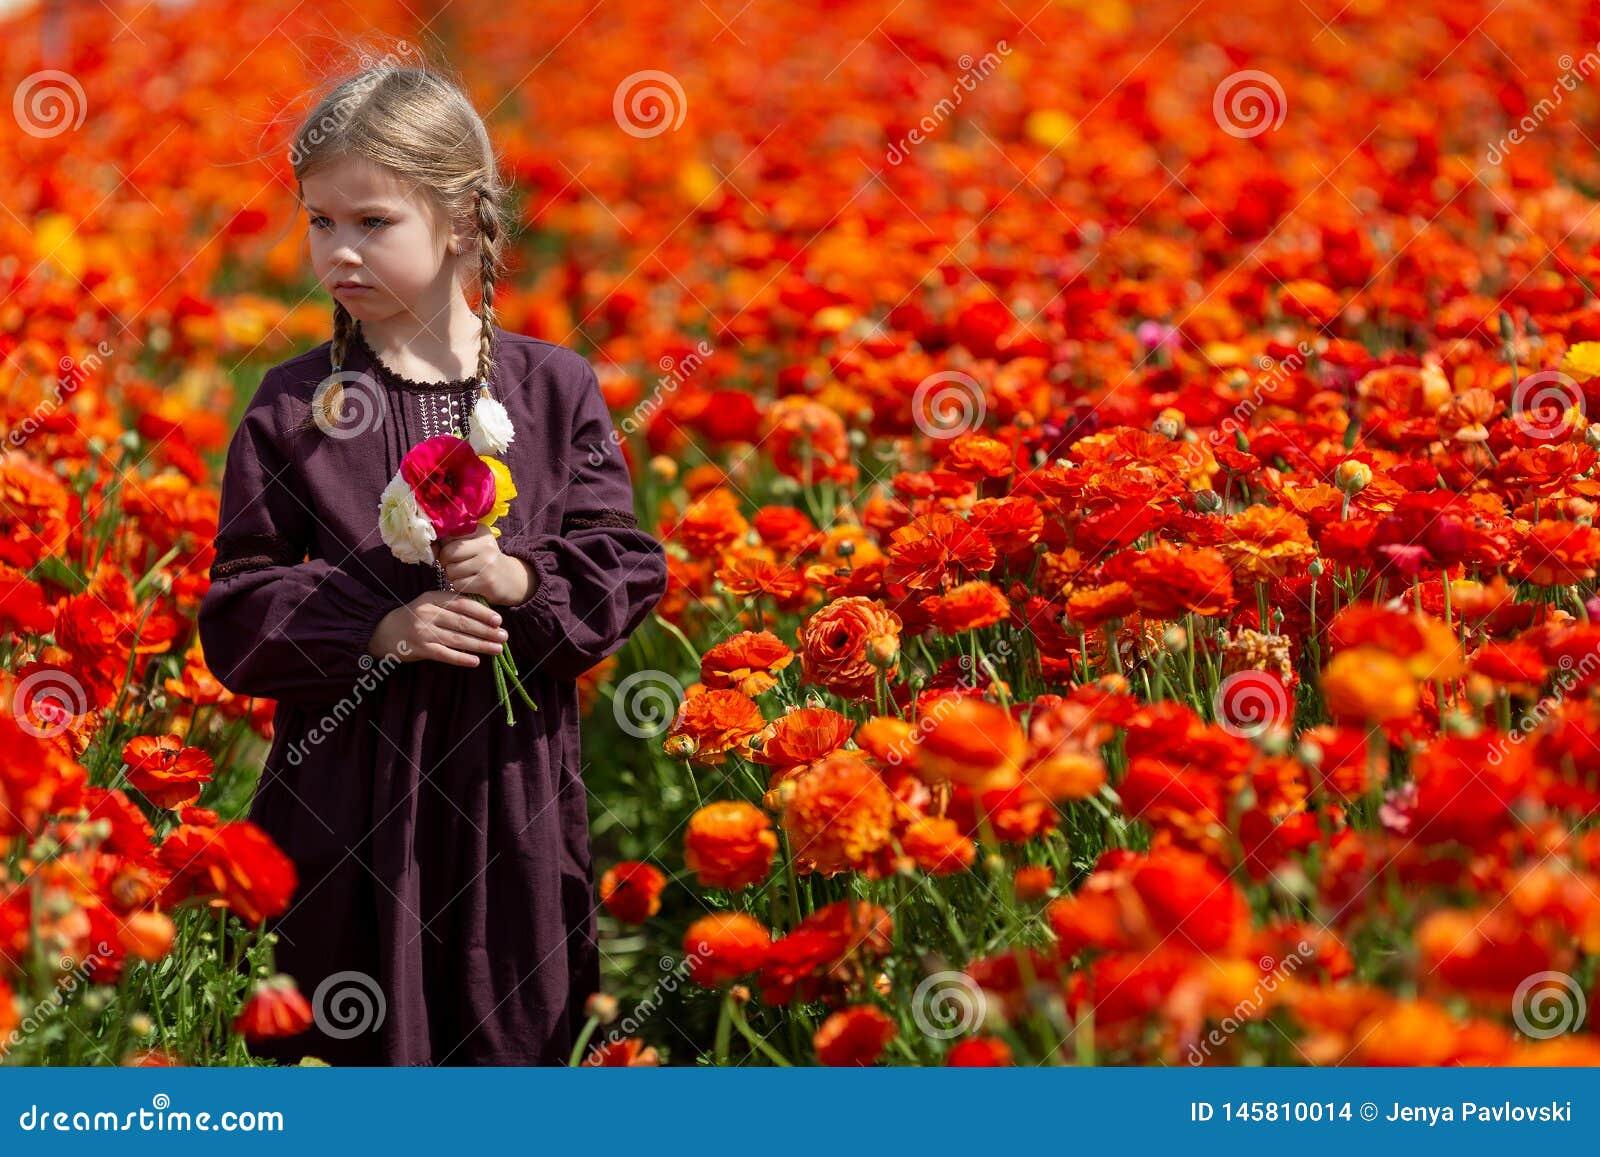 Cute wonderful kid child girl walks in a flowering spring meadow